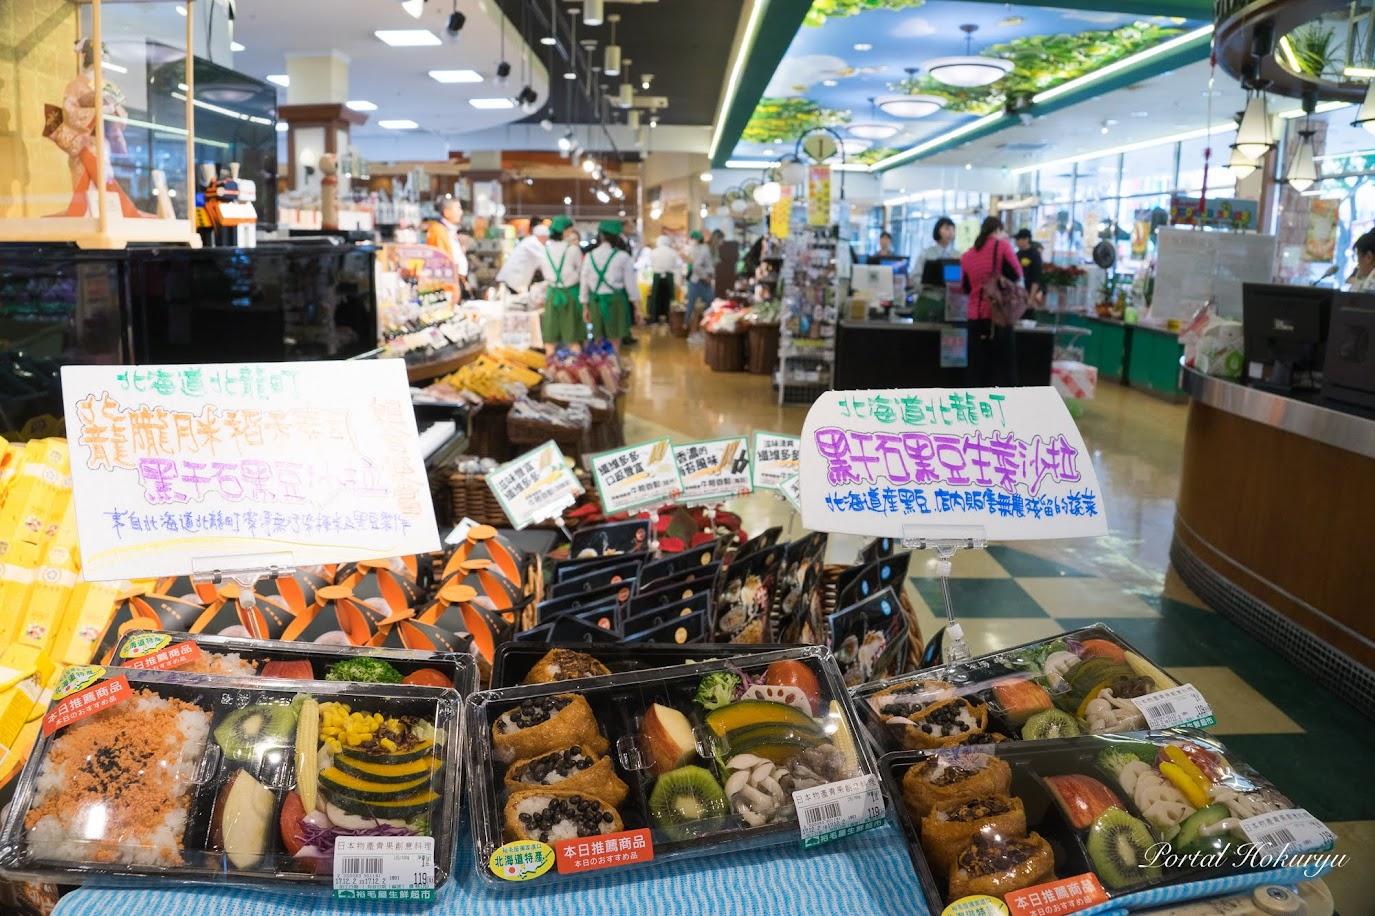 ひまわりライス「おぼろづき」・黒千石大豆を使ったお弁当